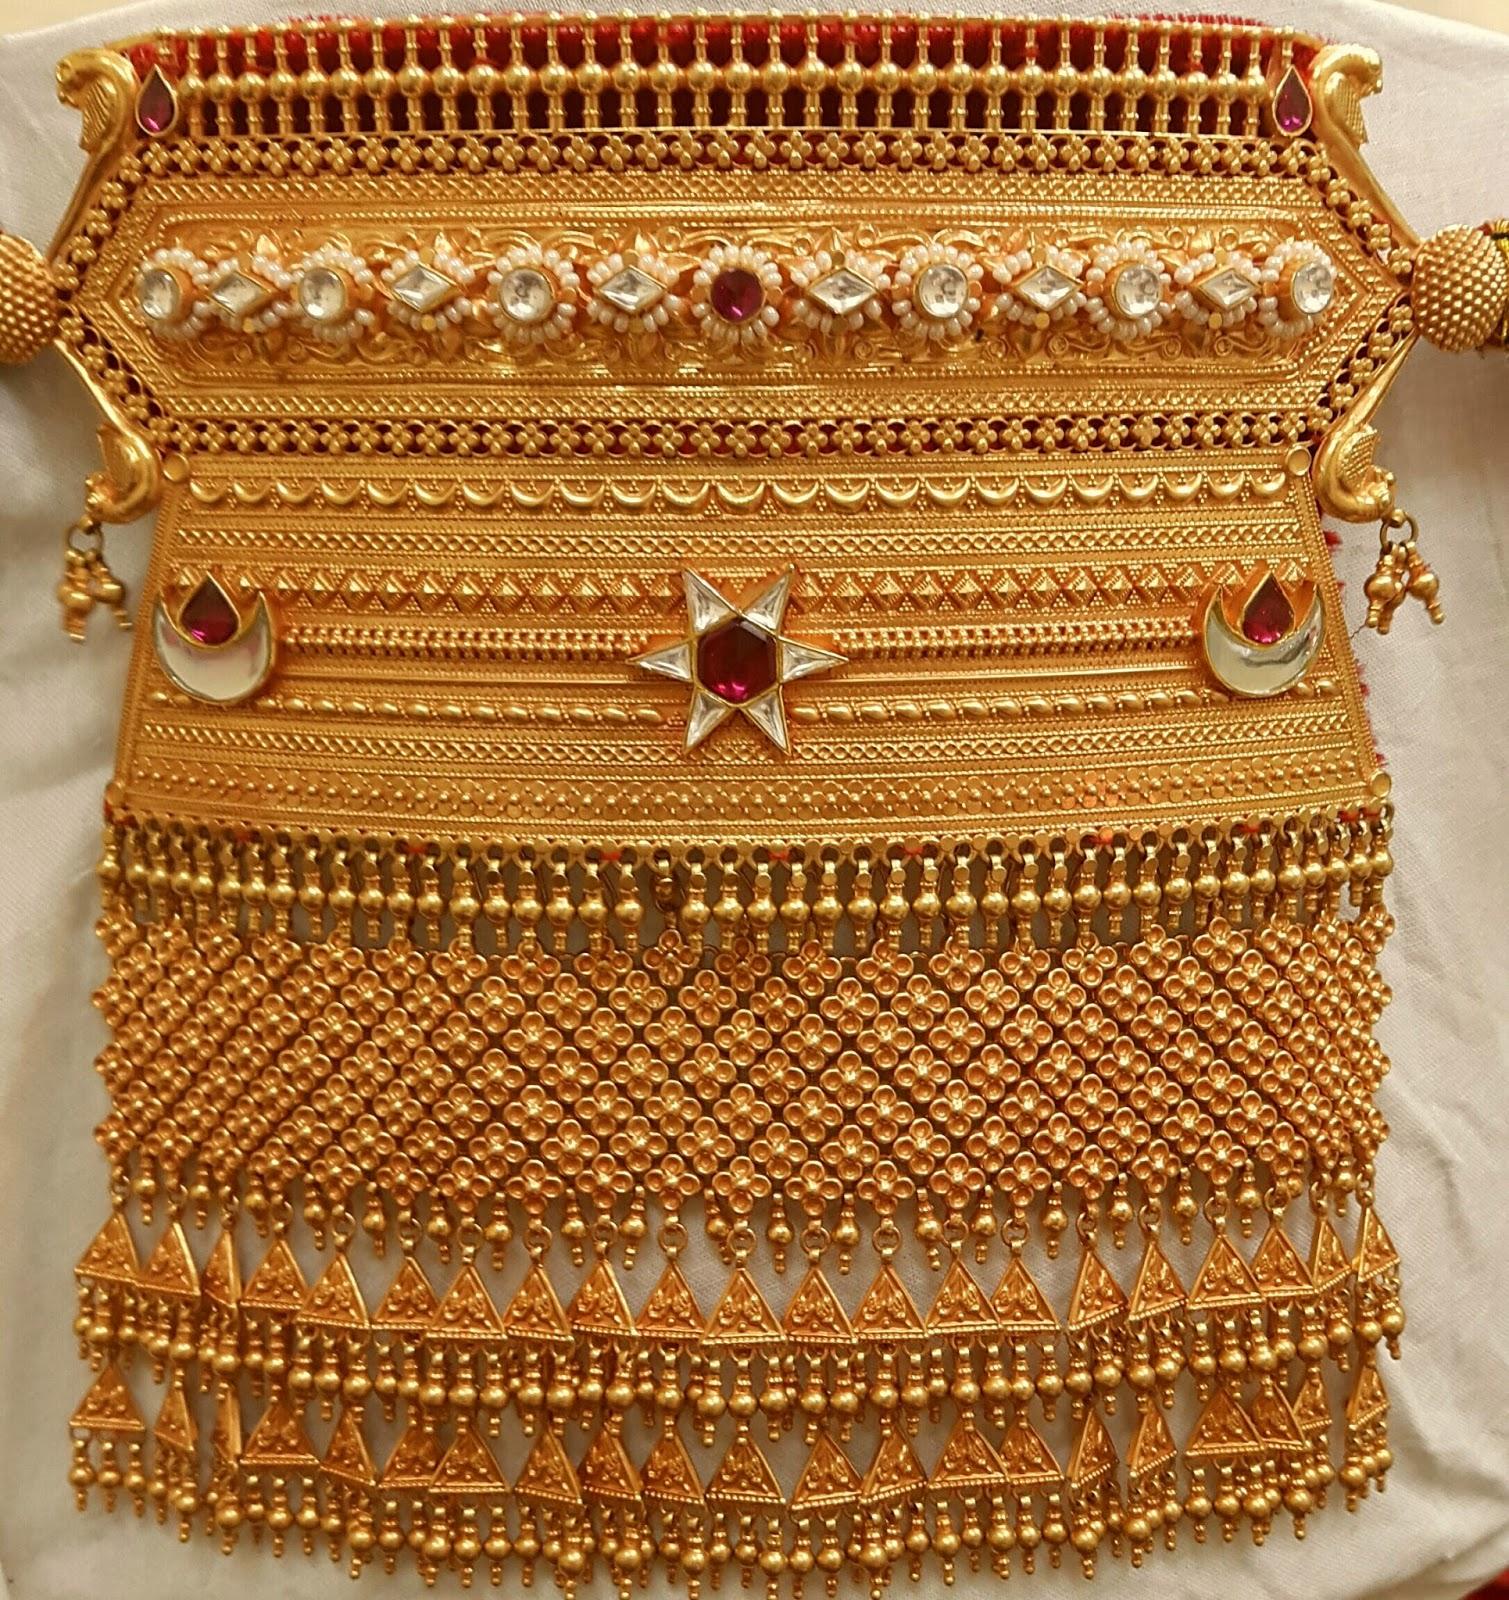 Rajasthani Aad Necklaces